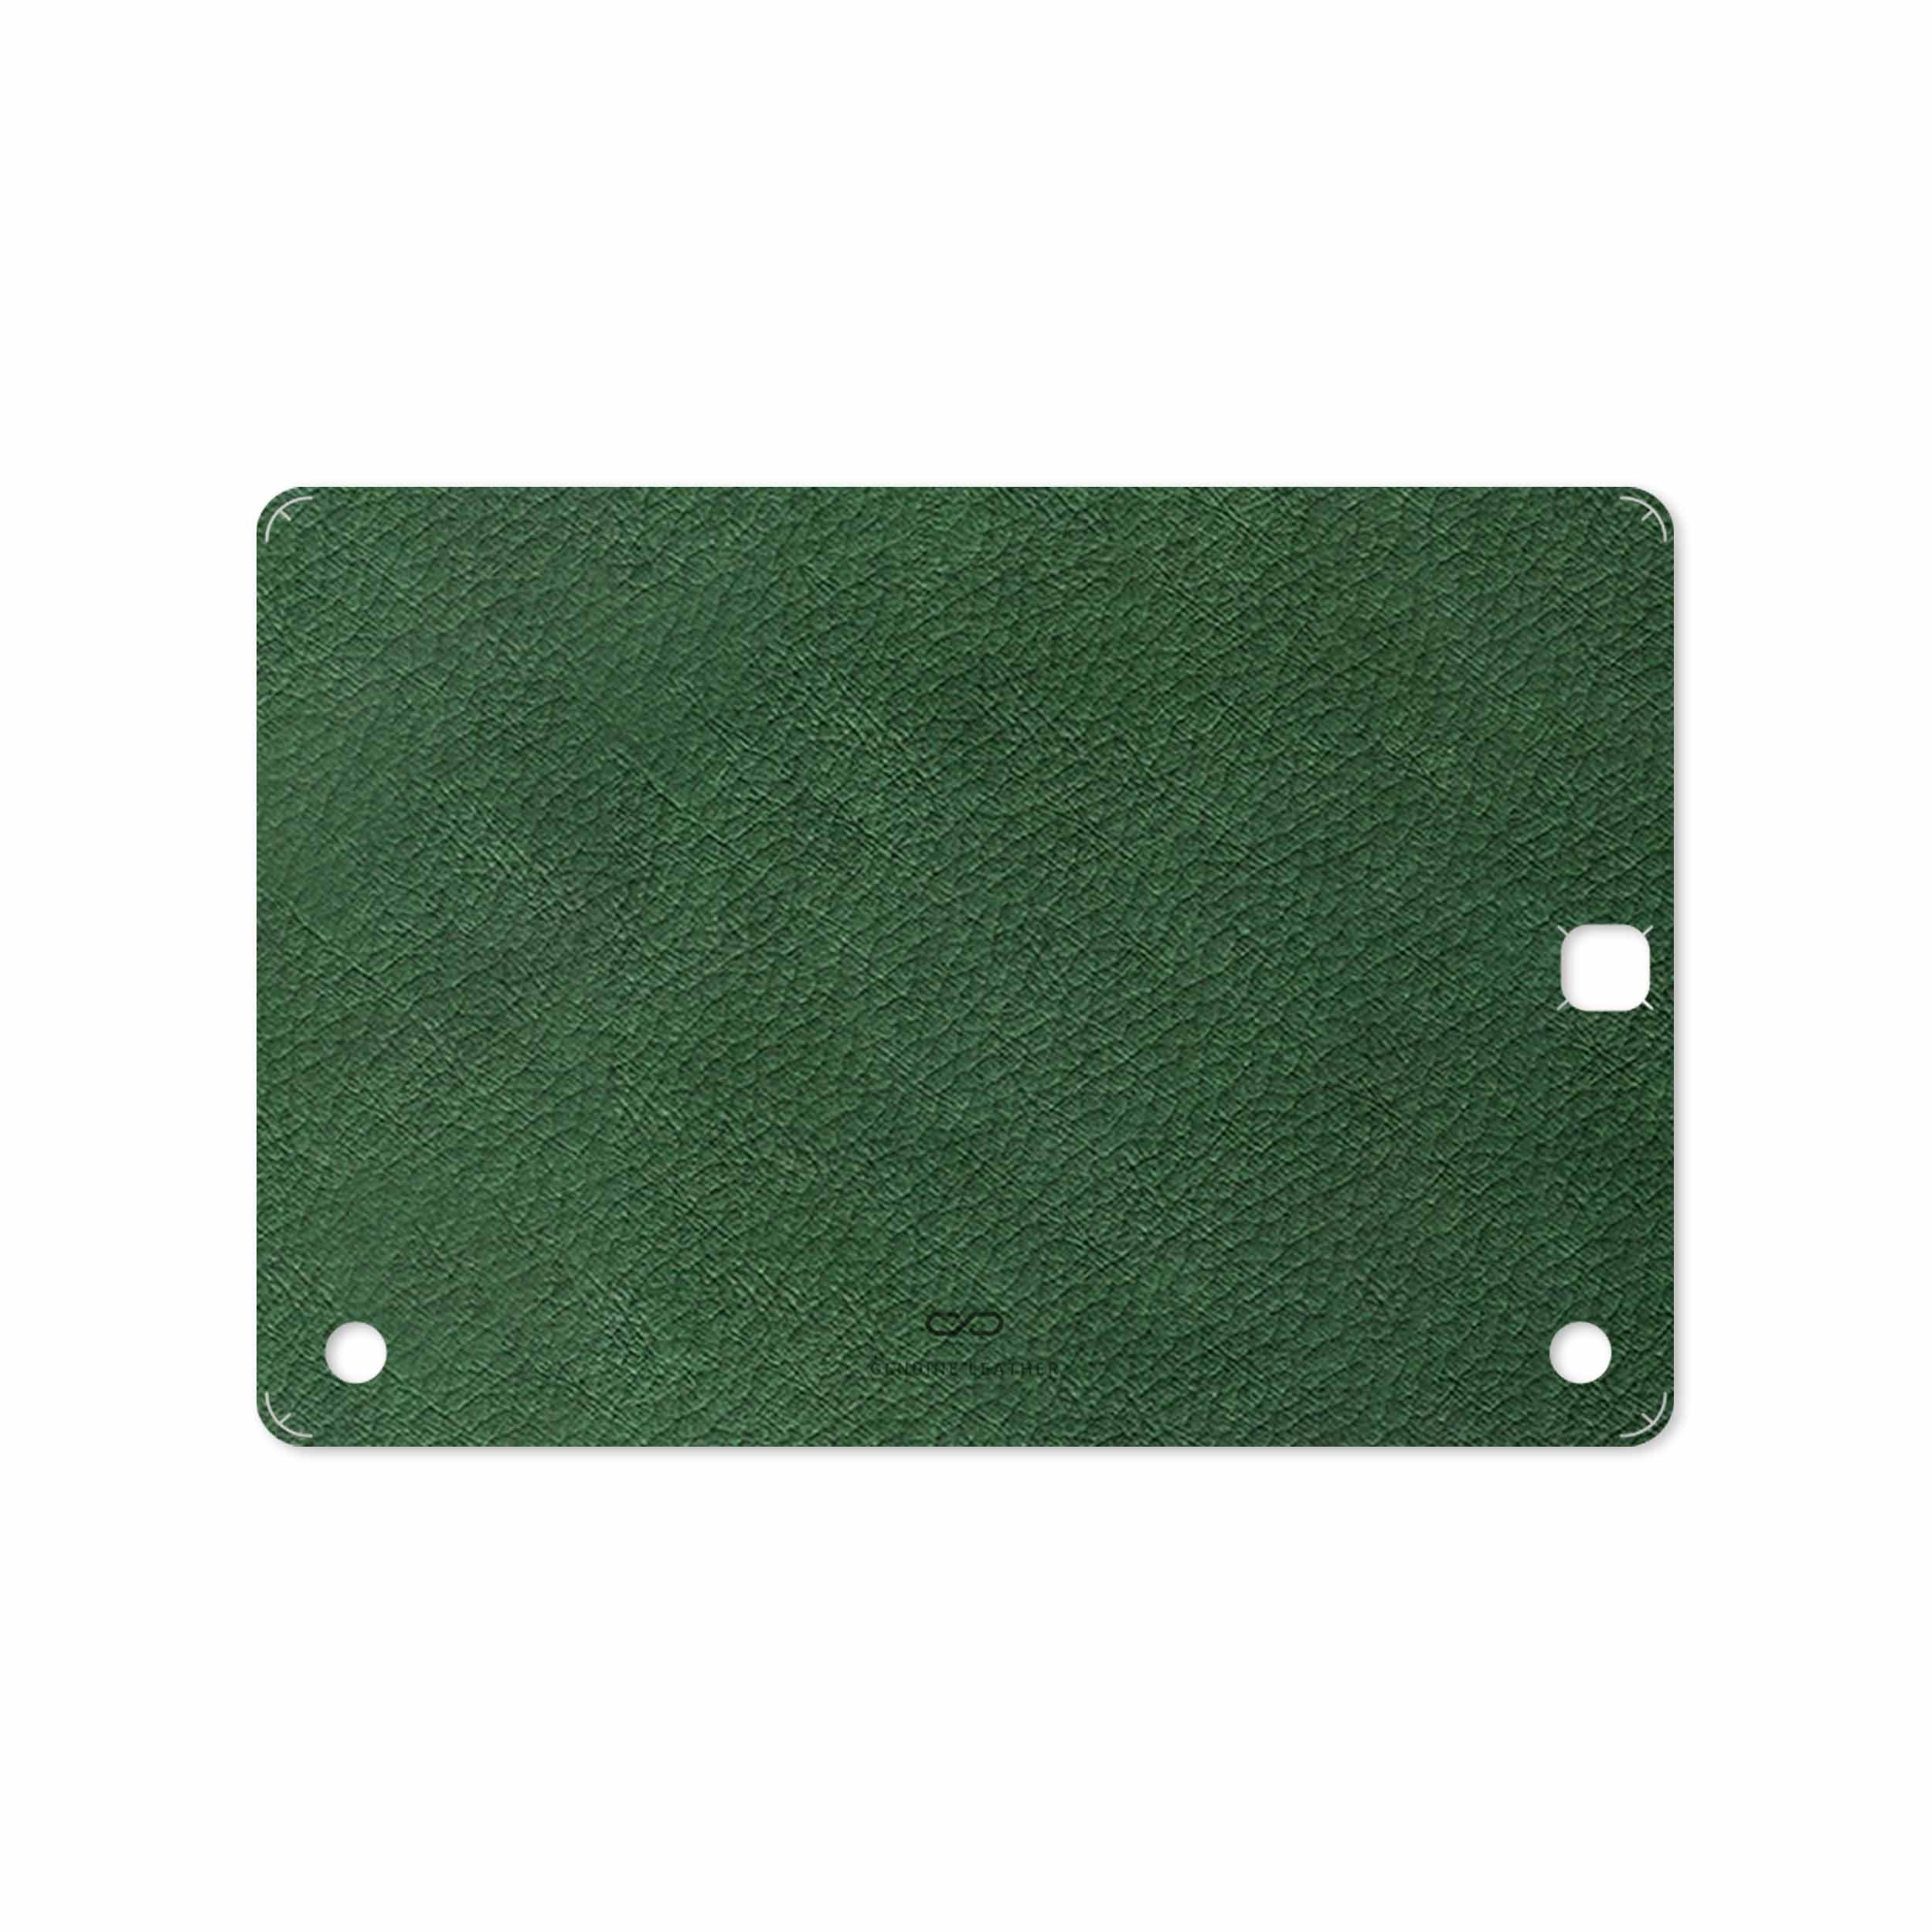 بررسی و خرید [با تخفیف]                                     برچسب پوششی ماهوت مدل Green-Leather مناسب برای تبلت سامسونگ Galaxy Tab A 9.7 2015 T555                             اورجینال